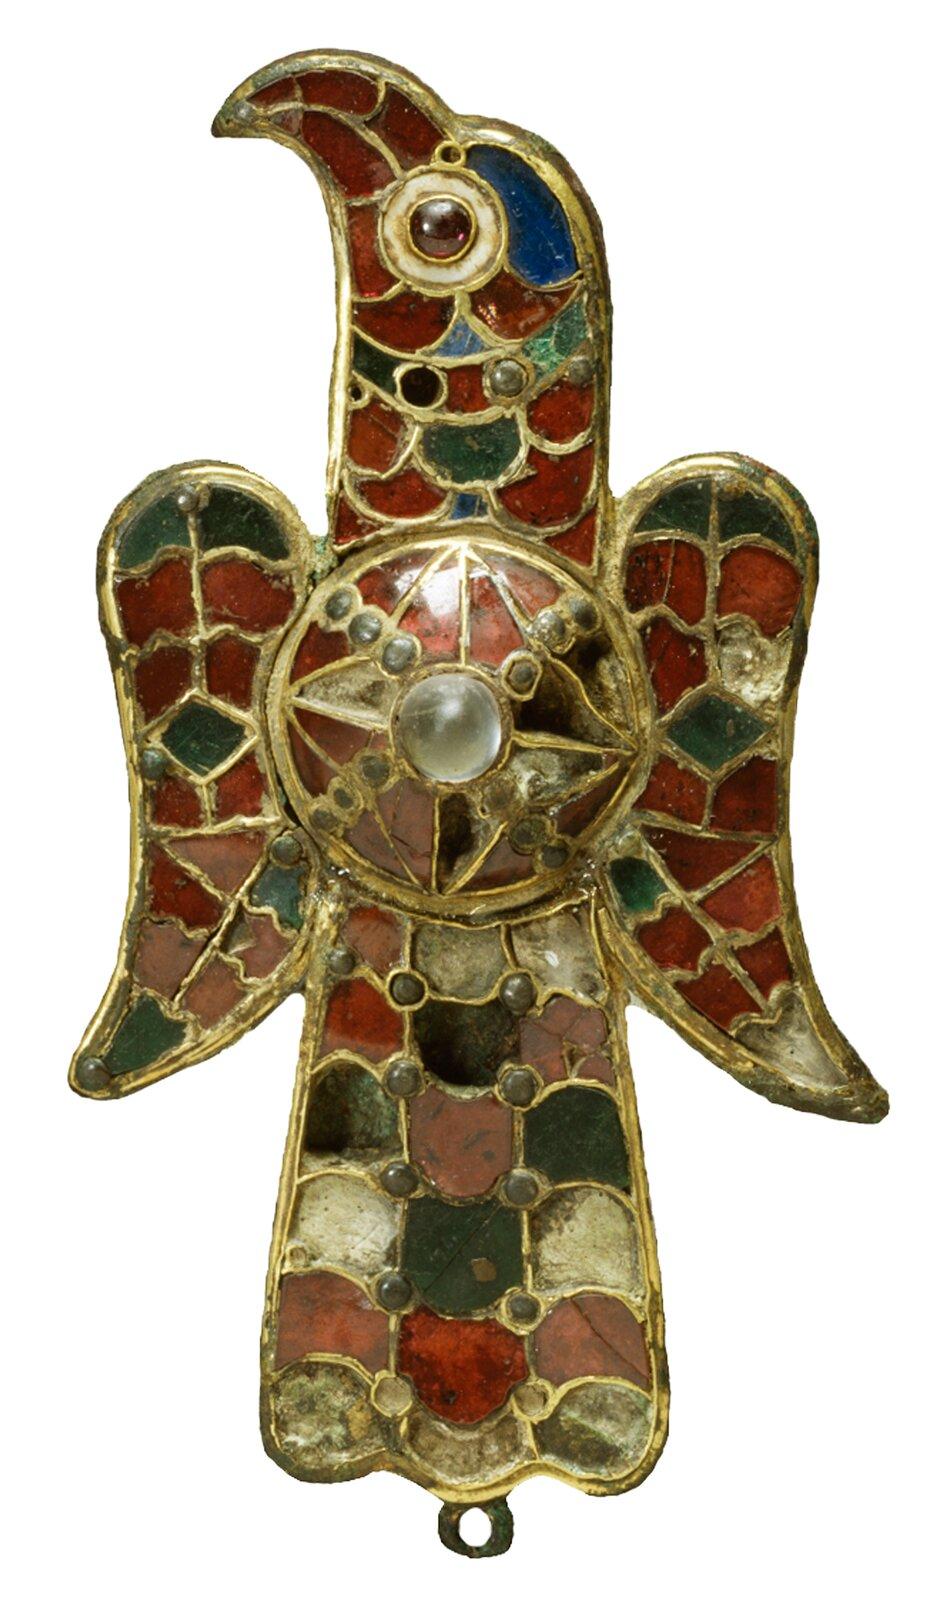 Ozdobna zapinka do szat używana przez Gotów Ozdobna zapinka do szat używana przez Gotów Źródło: Luis García, Wikimedia Commons, licencja: CC BY-SA 3.0.